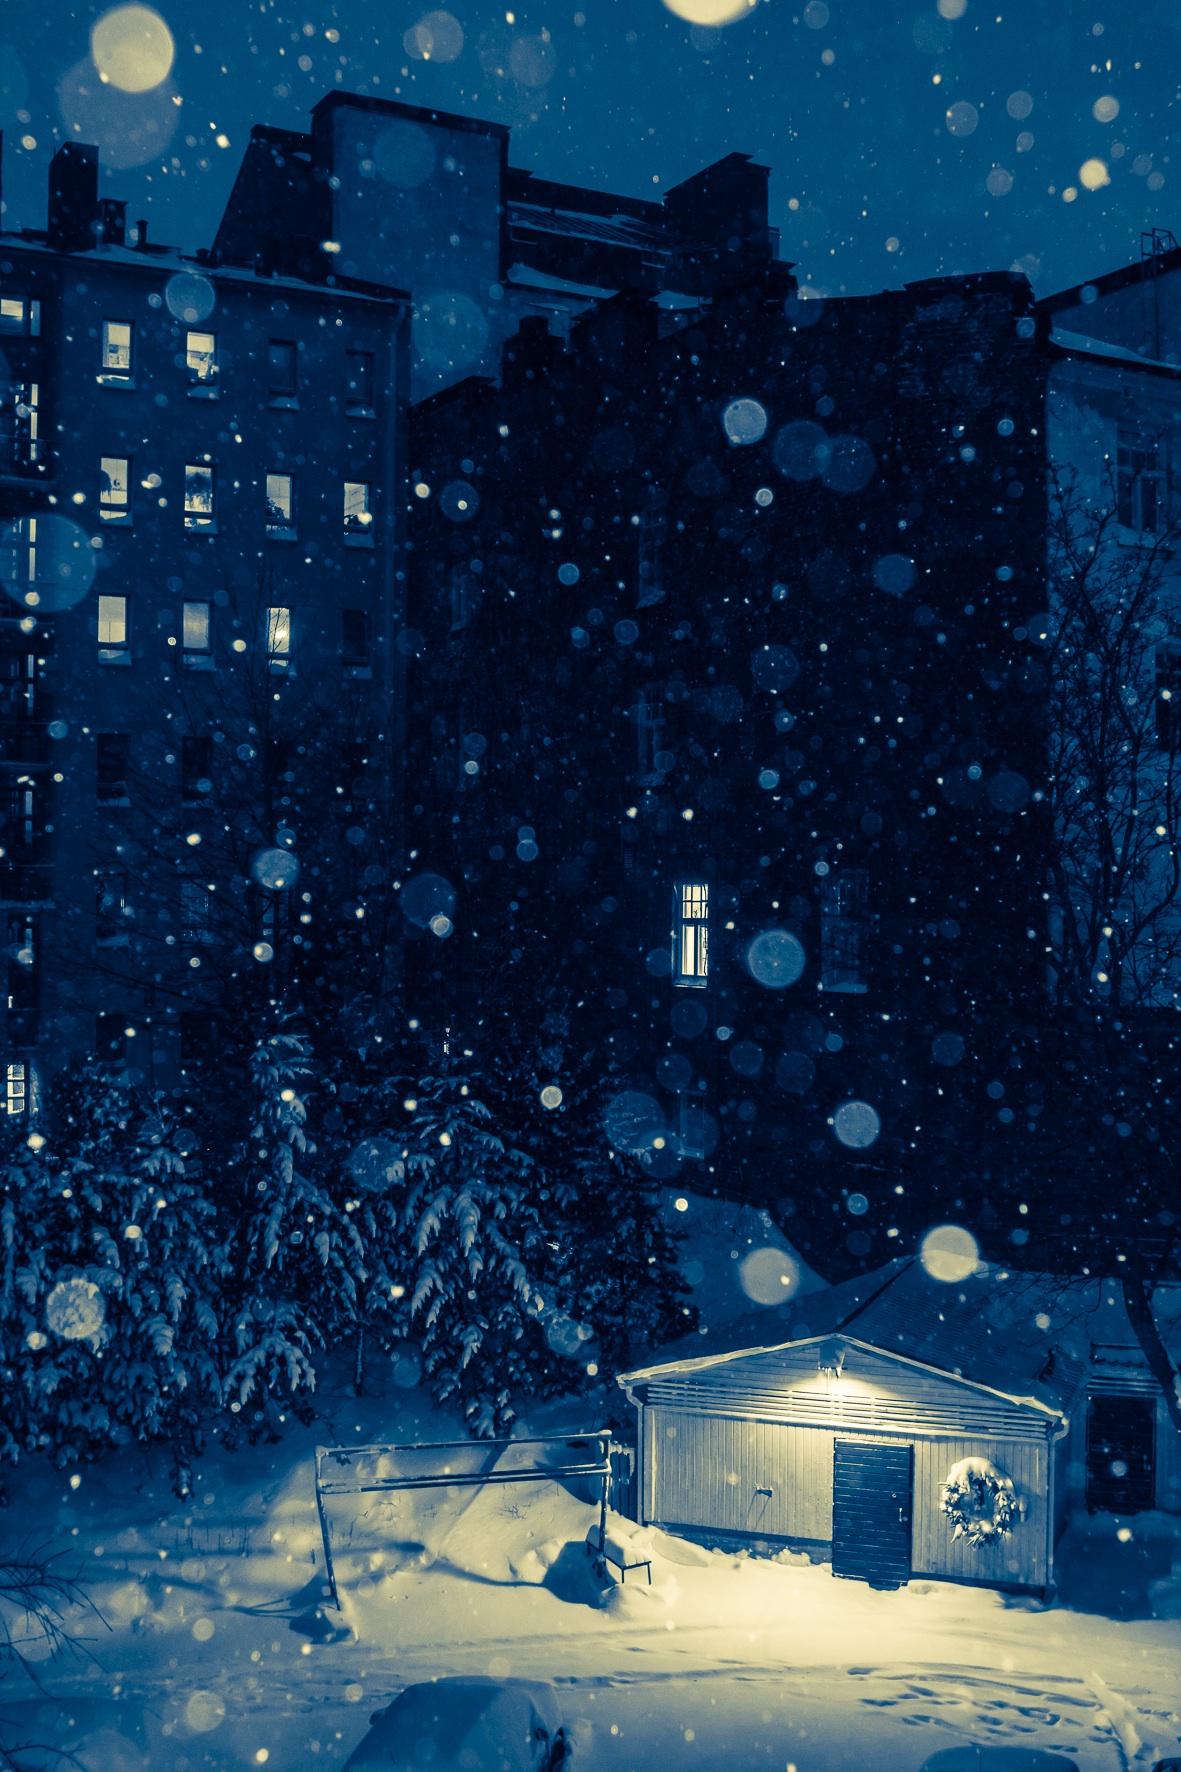 無料画像 雪 冬 夜 天気 青 シーズン 図 スクリーンショット